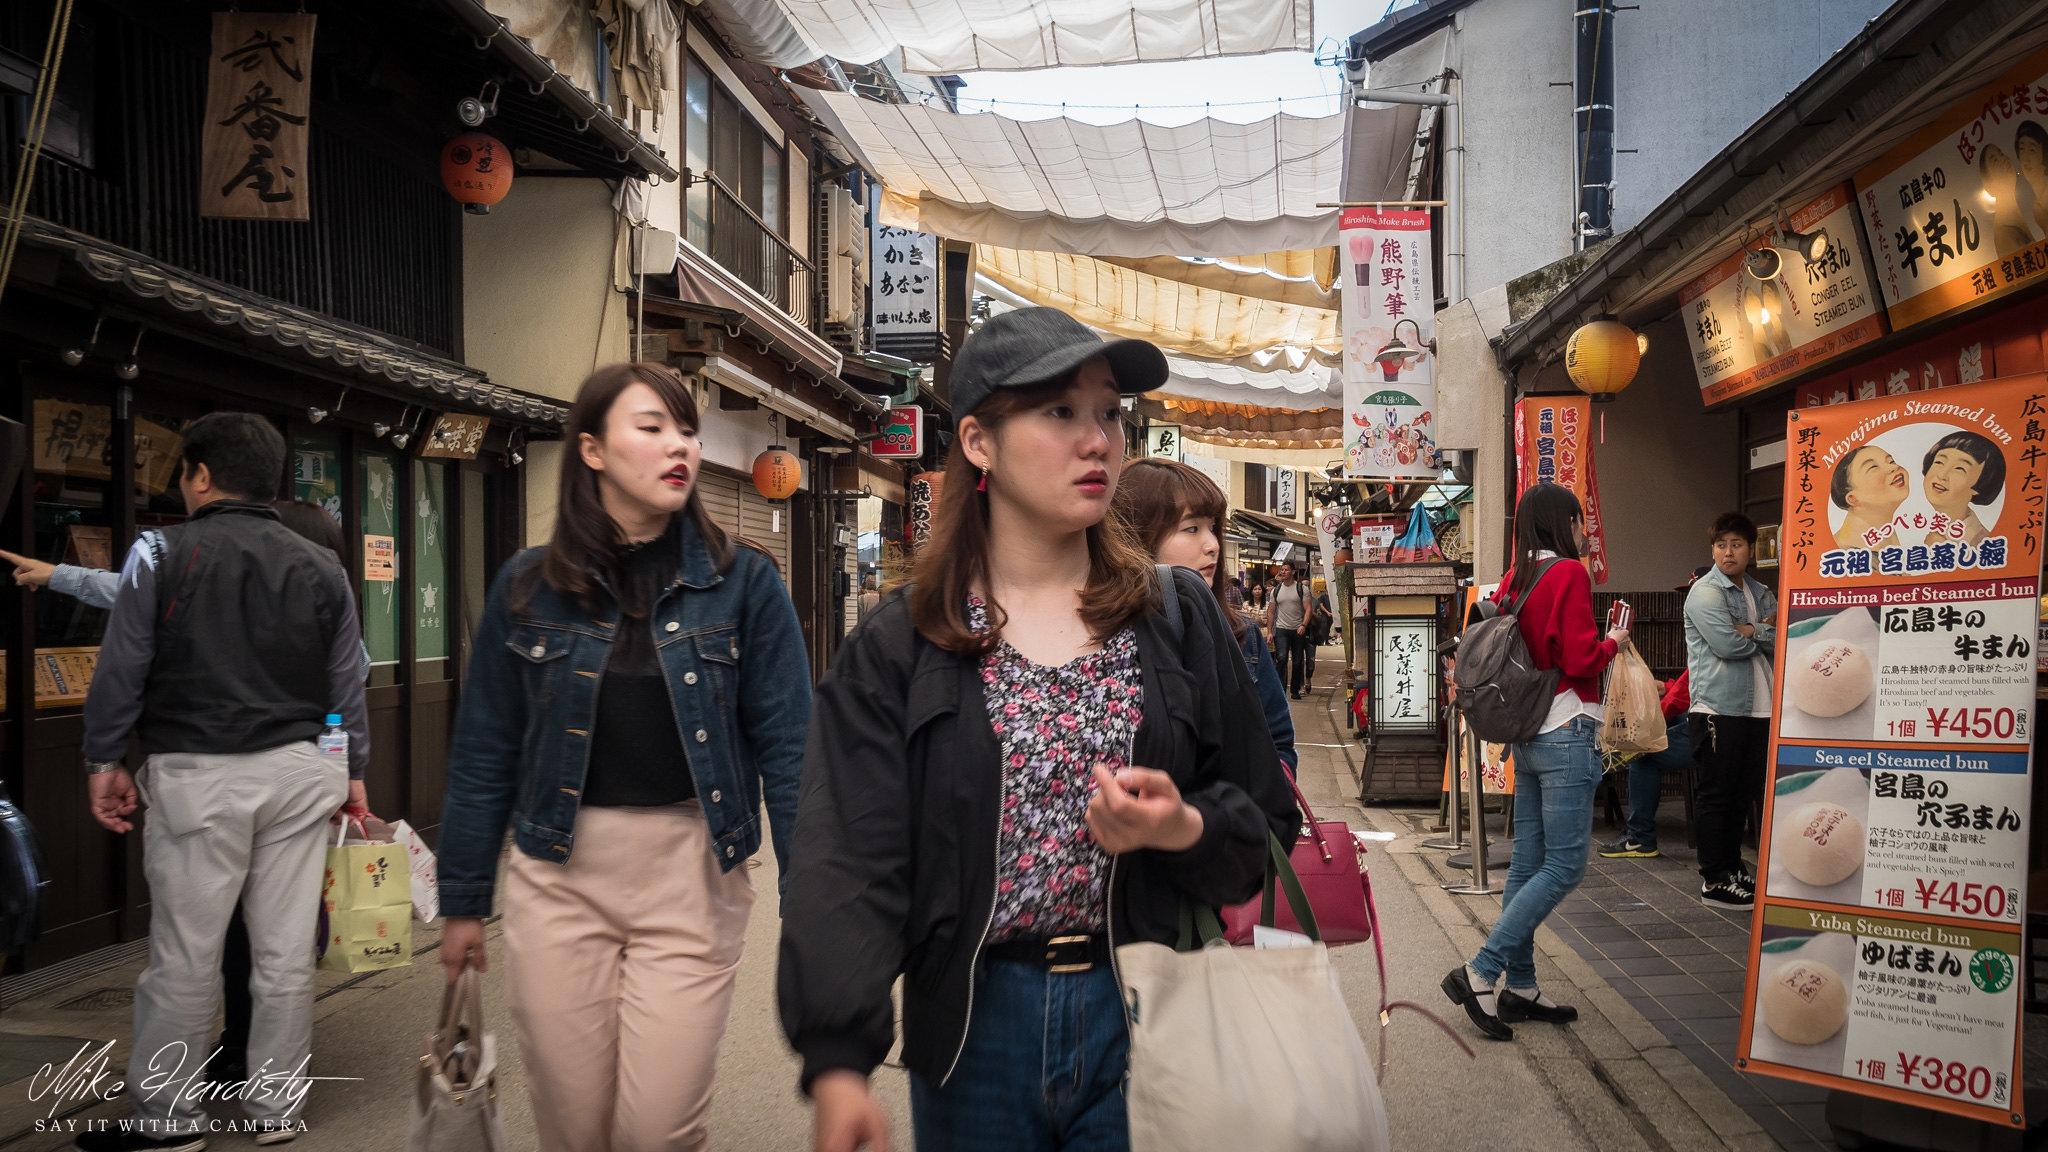 Omotesando Shopping Arcade